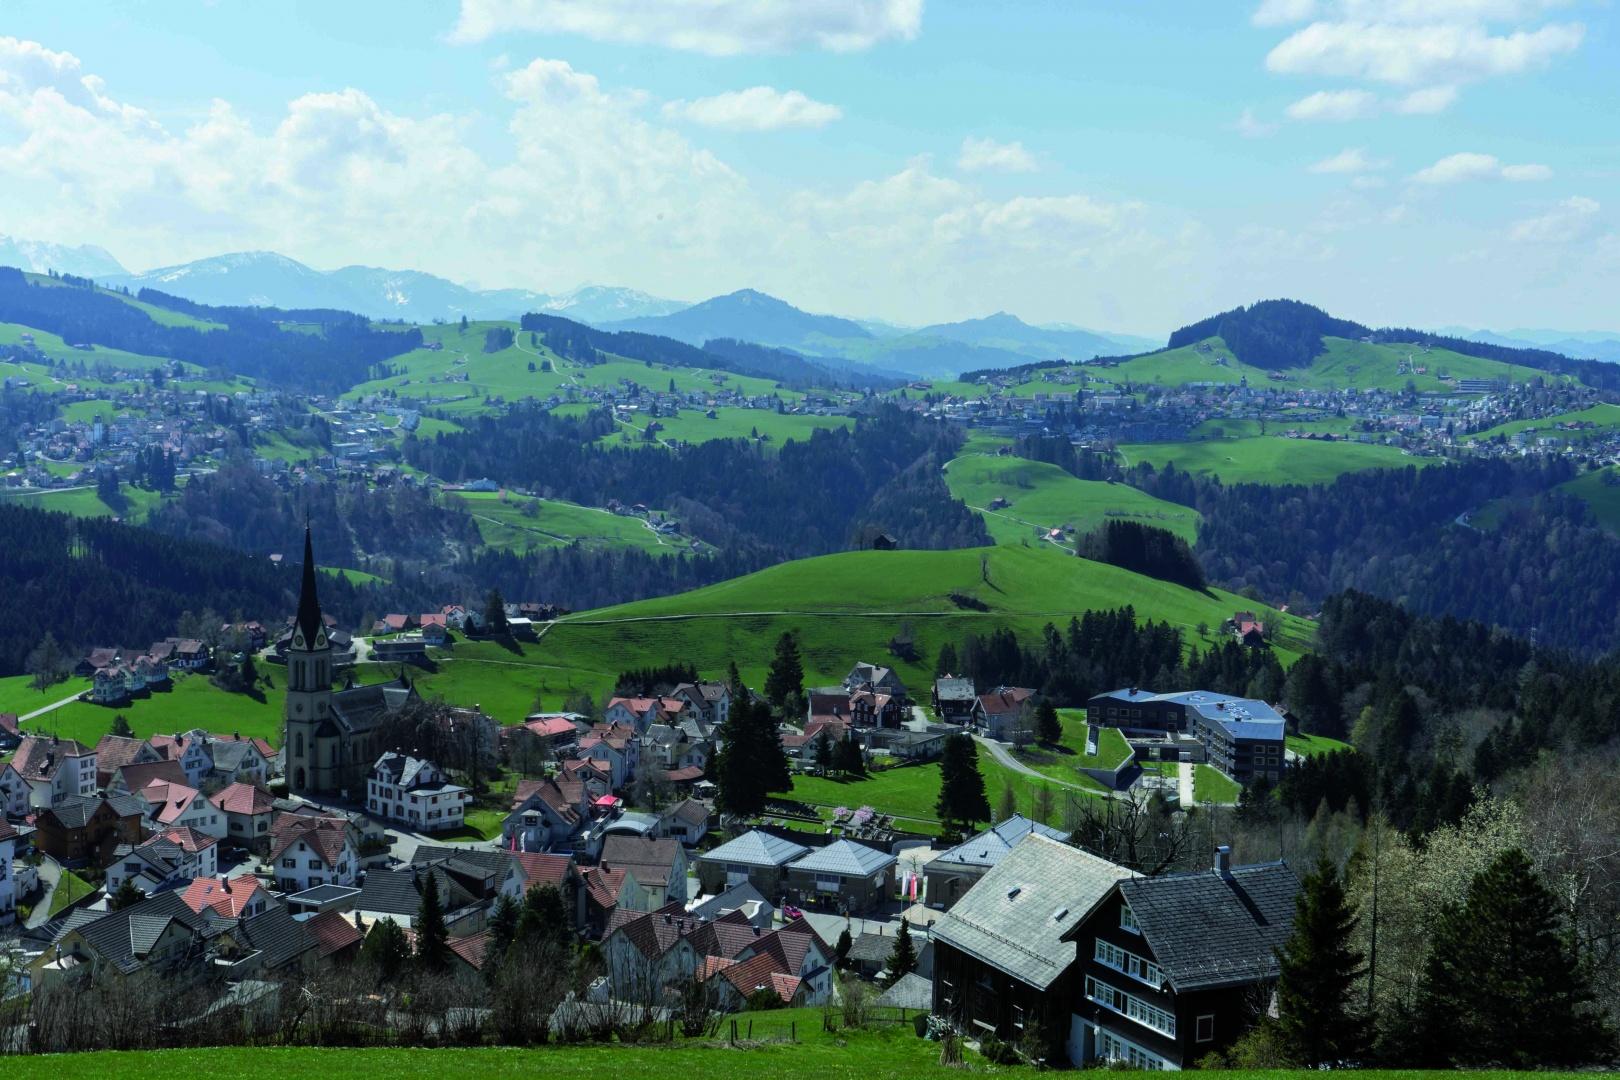 Dorf Rehetobel © Ueli Sonderegger GmbH, 9410 Heiden